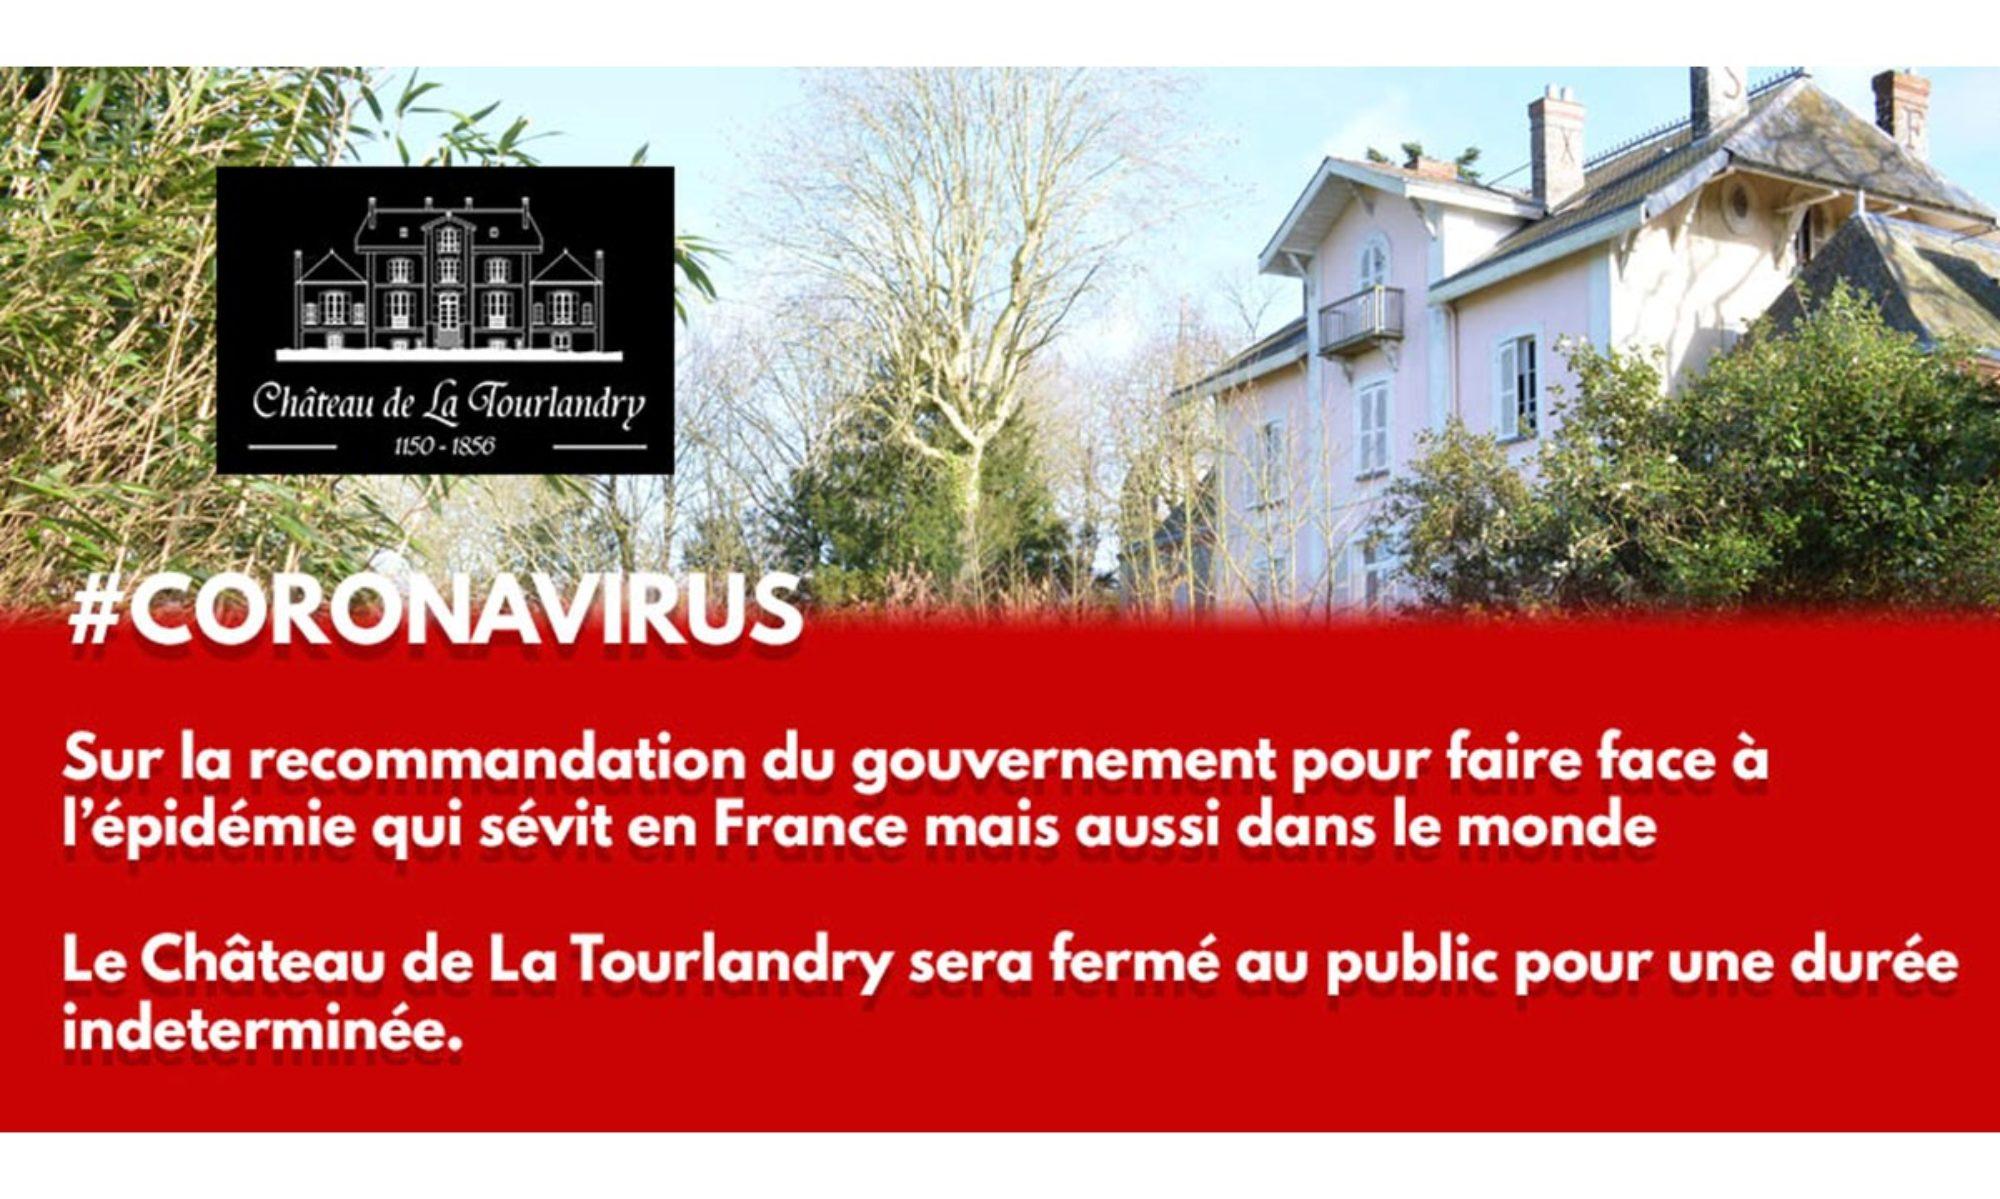 Les Amis du Château de La Tourlandry